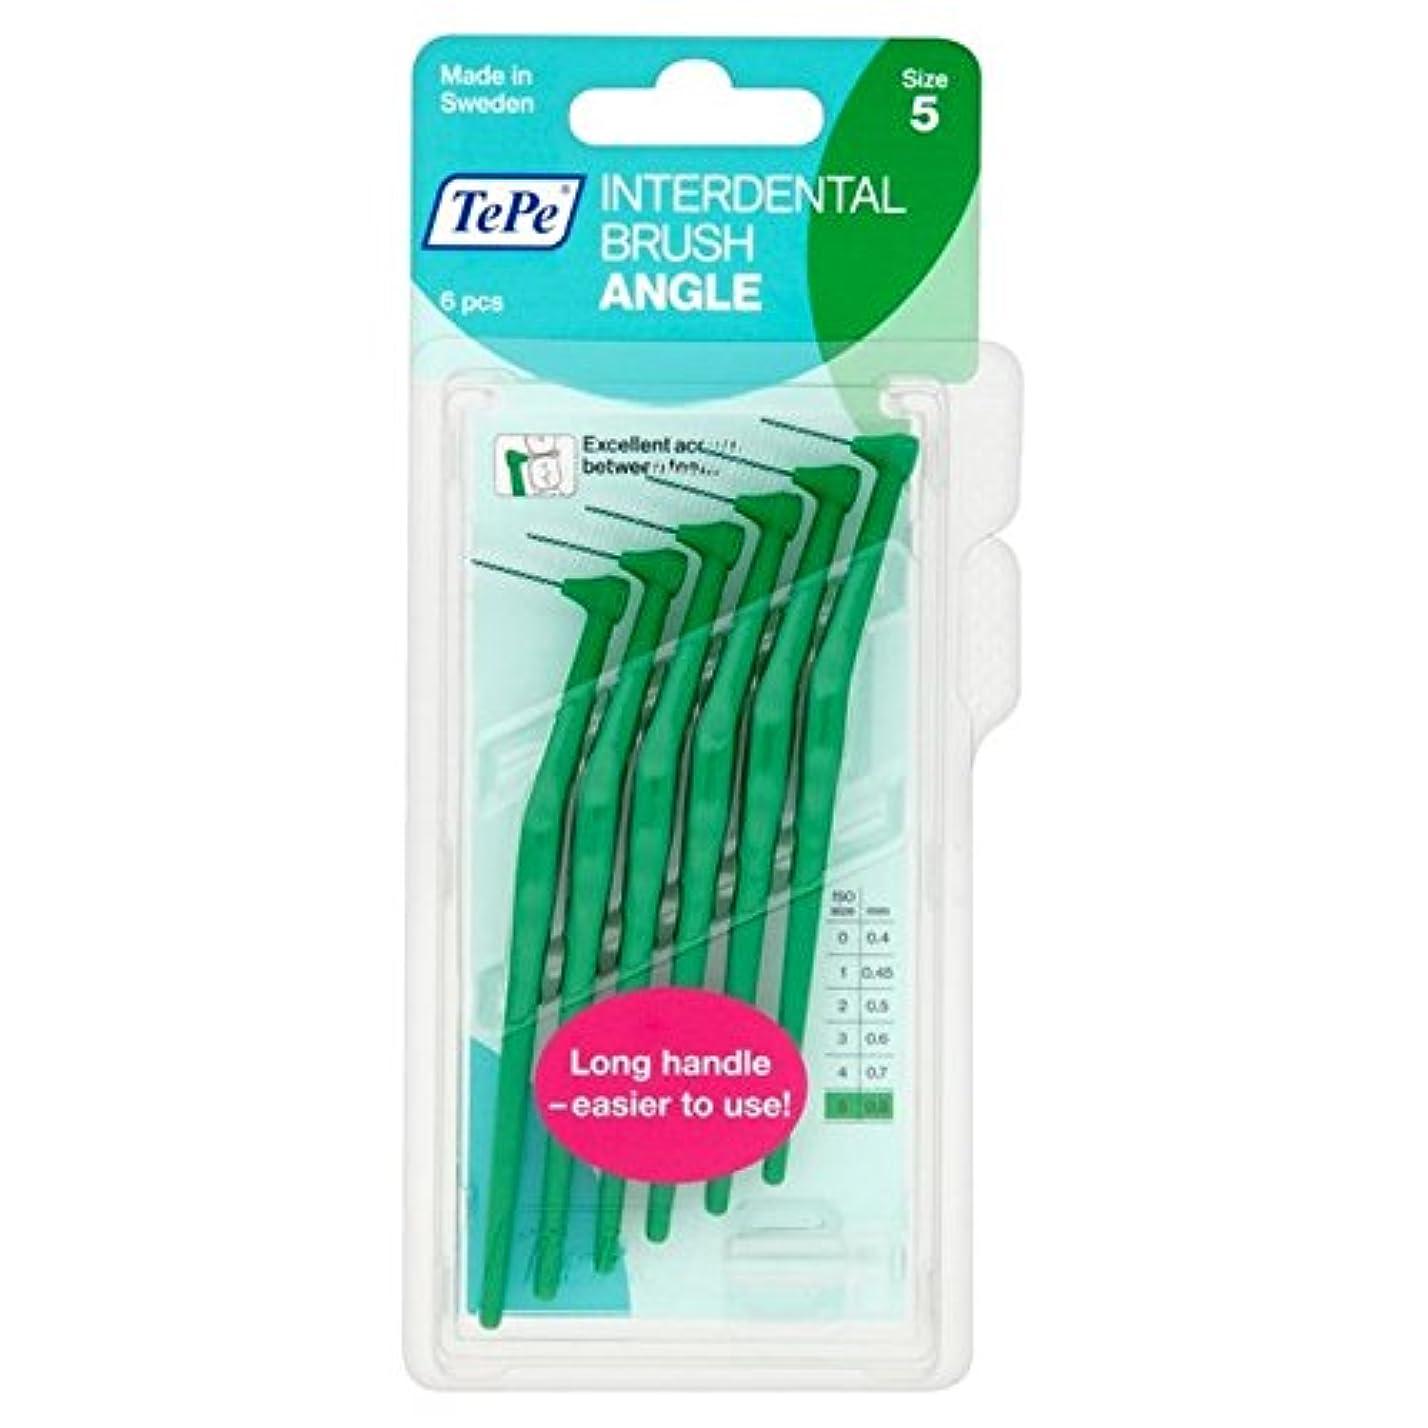 シャイ距離解放TePe Angle Green 0.8mm 6 per pack - パックあたり6 0.8ミリメートル緑テペ角度 [並行輸入品]